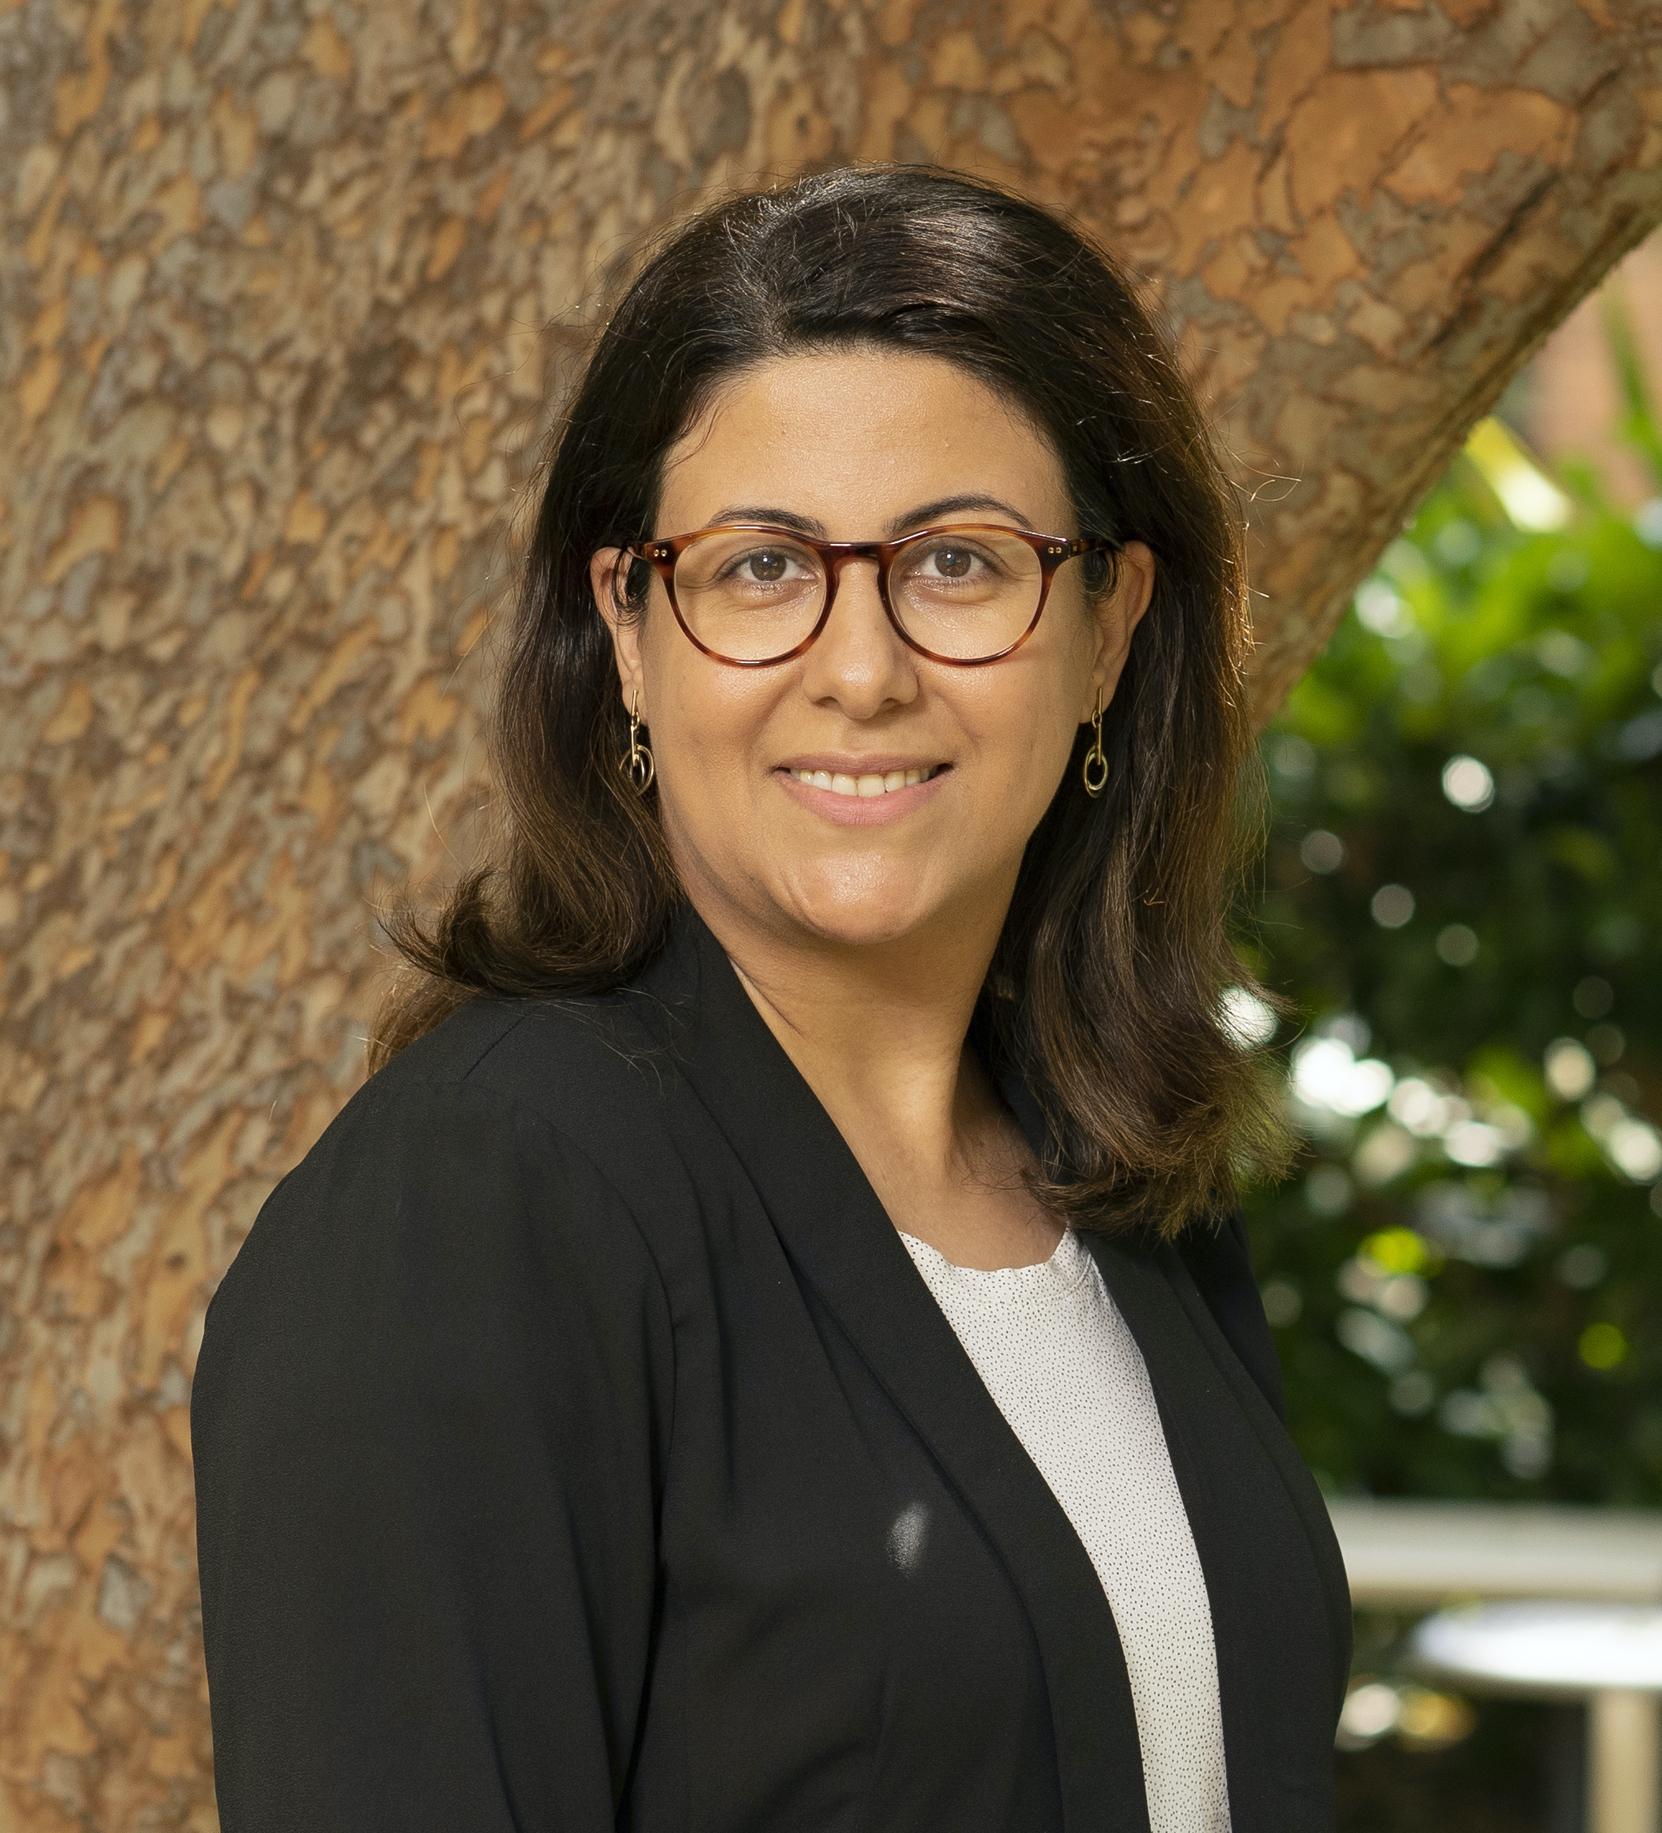 Dr Dorna Esrafilzadeh